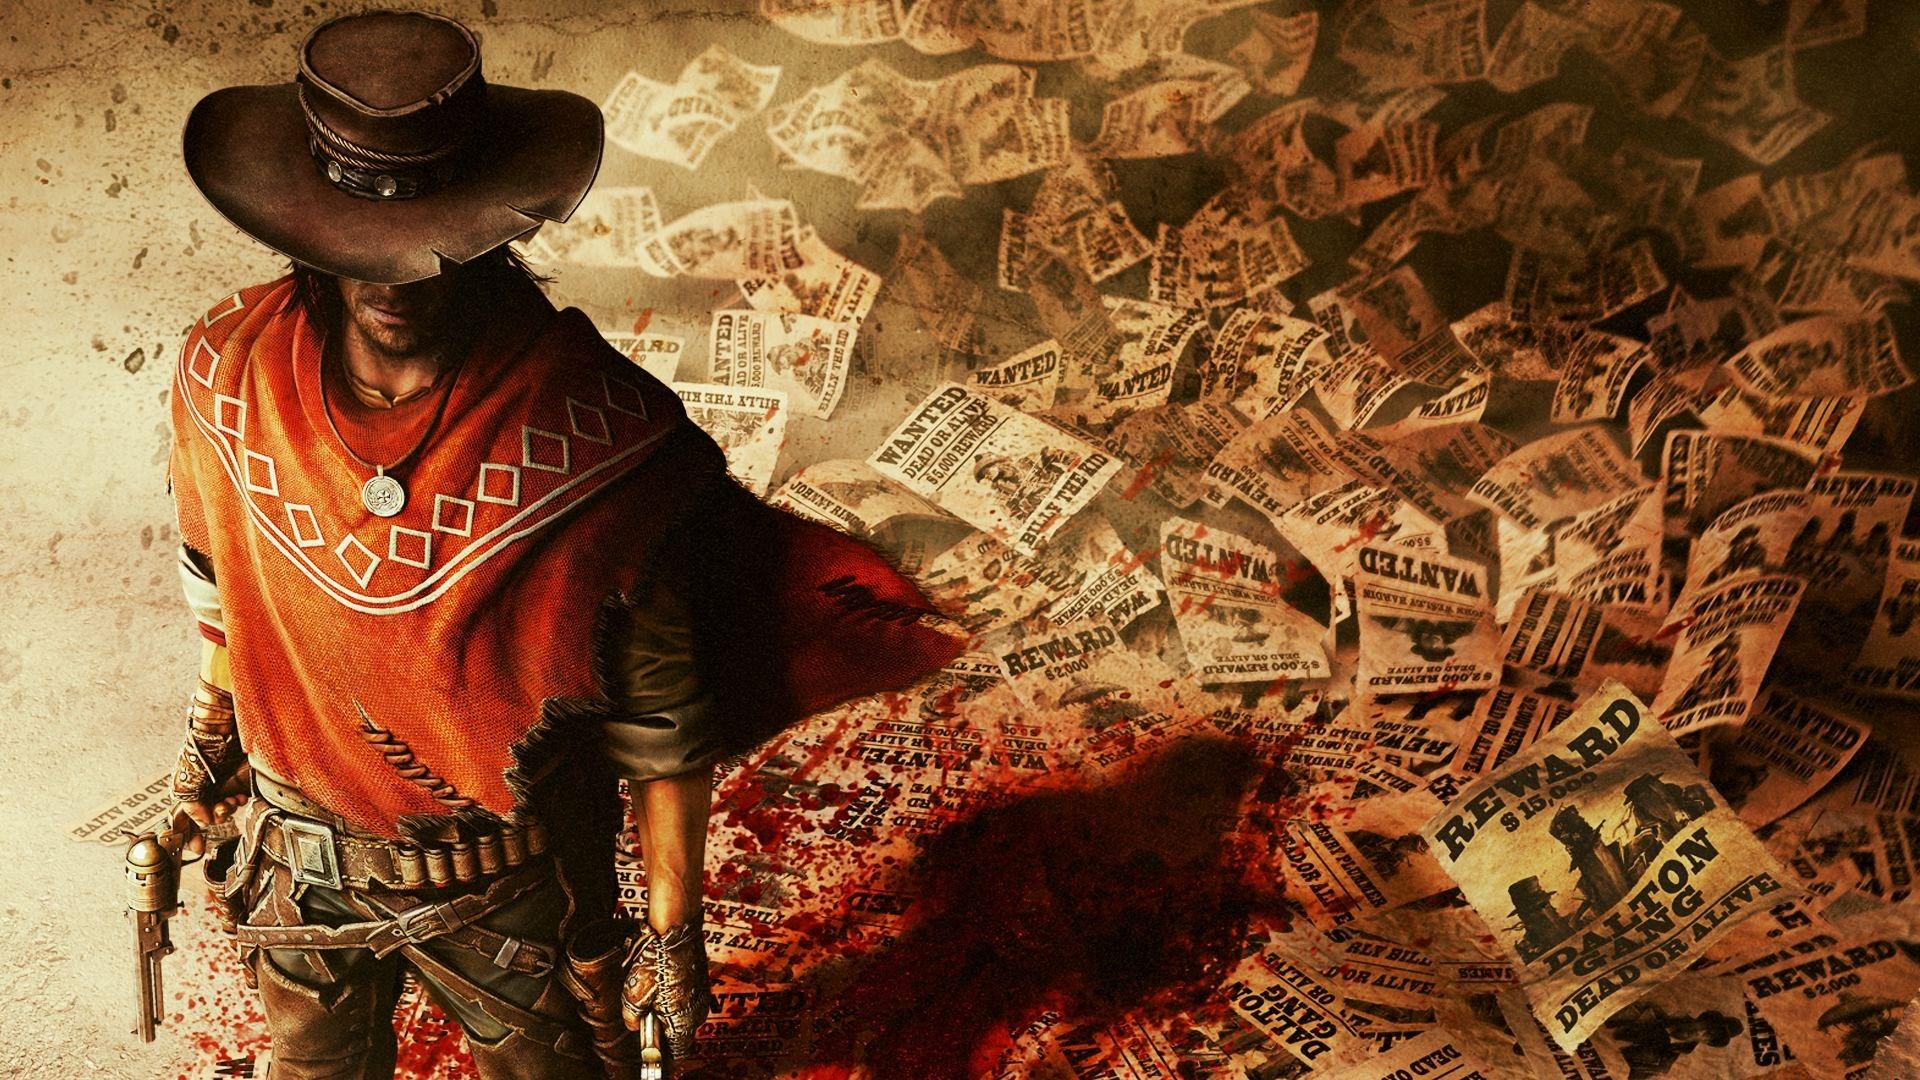 Classificação na ESRB sugere que Call of Juarez: Gunslinger pode está vindo para o Nintendo Switch